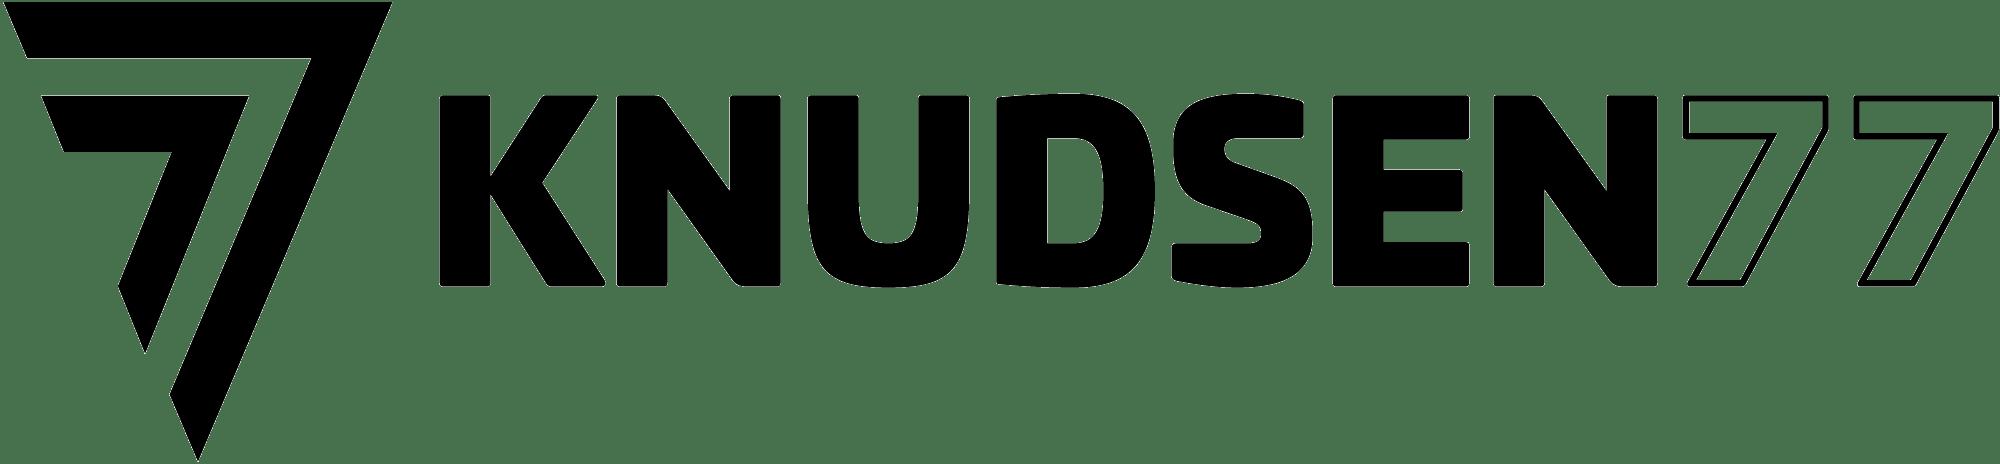 KNUDSEN77